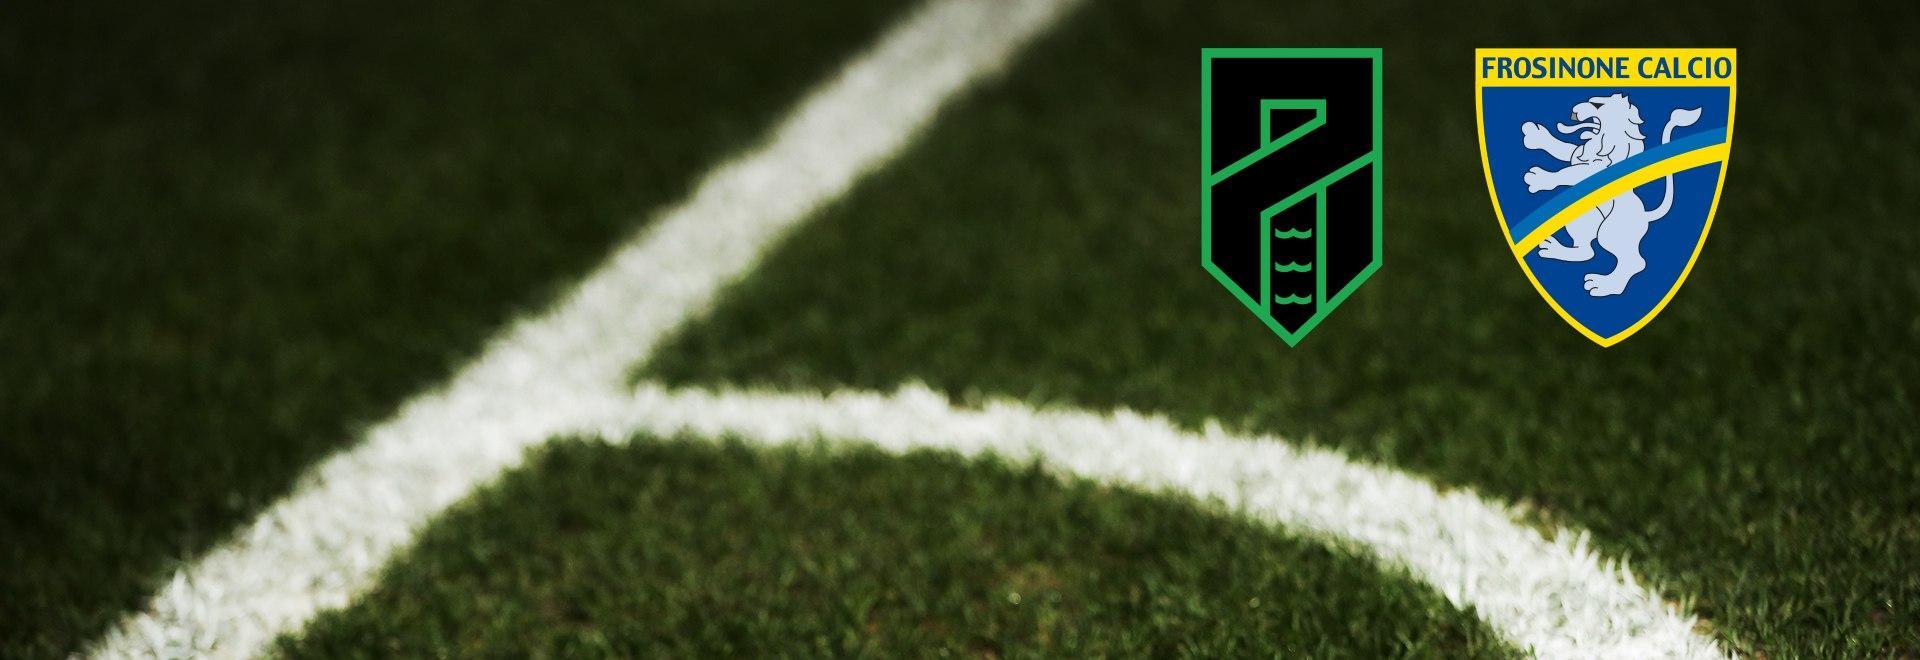 Pordenone - Frosinone. Playoff Semifinale Ritorno